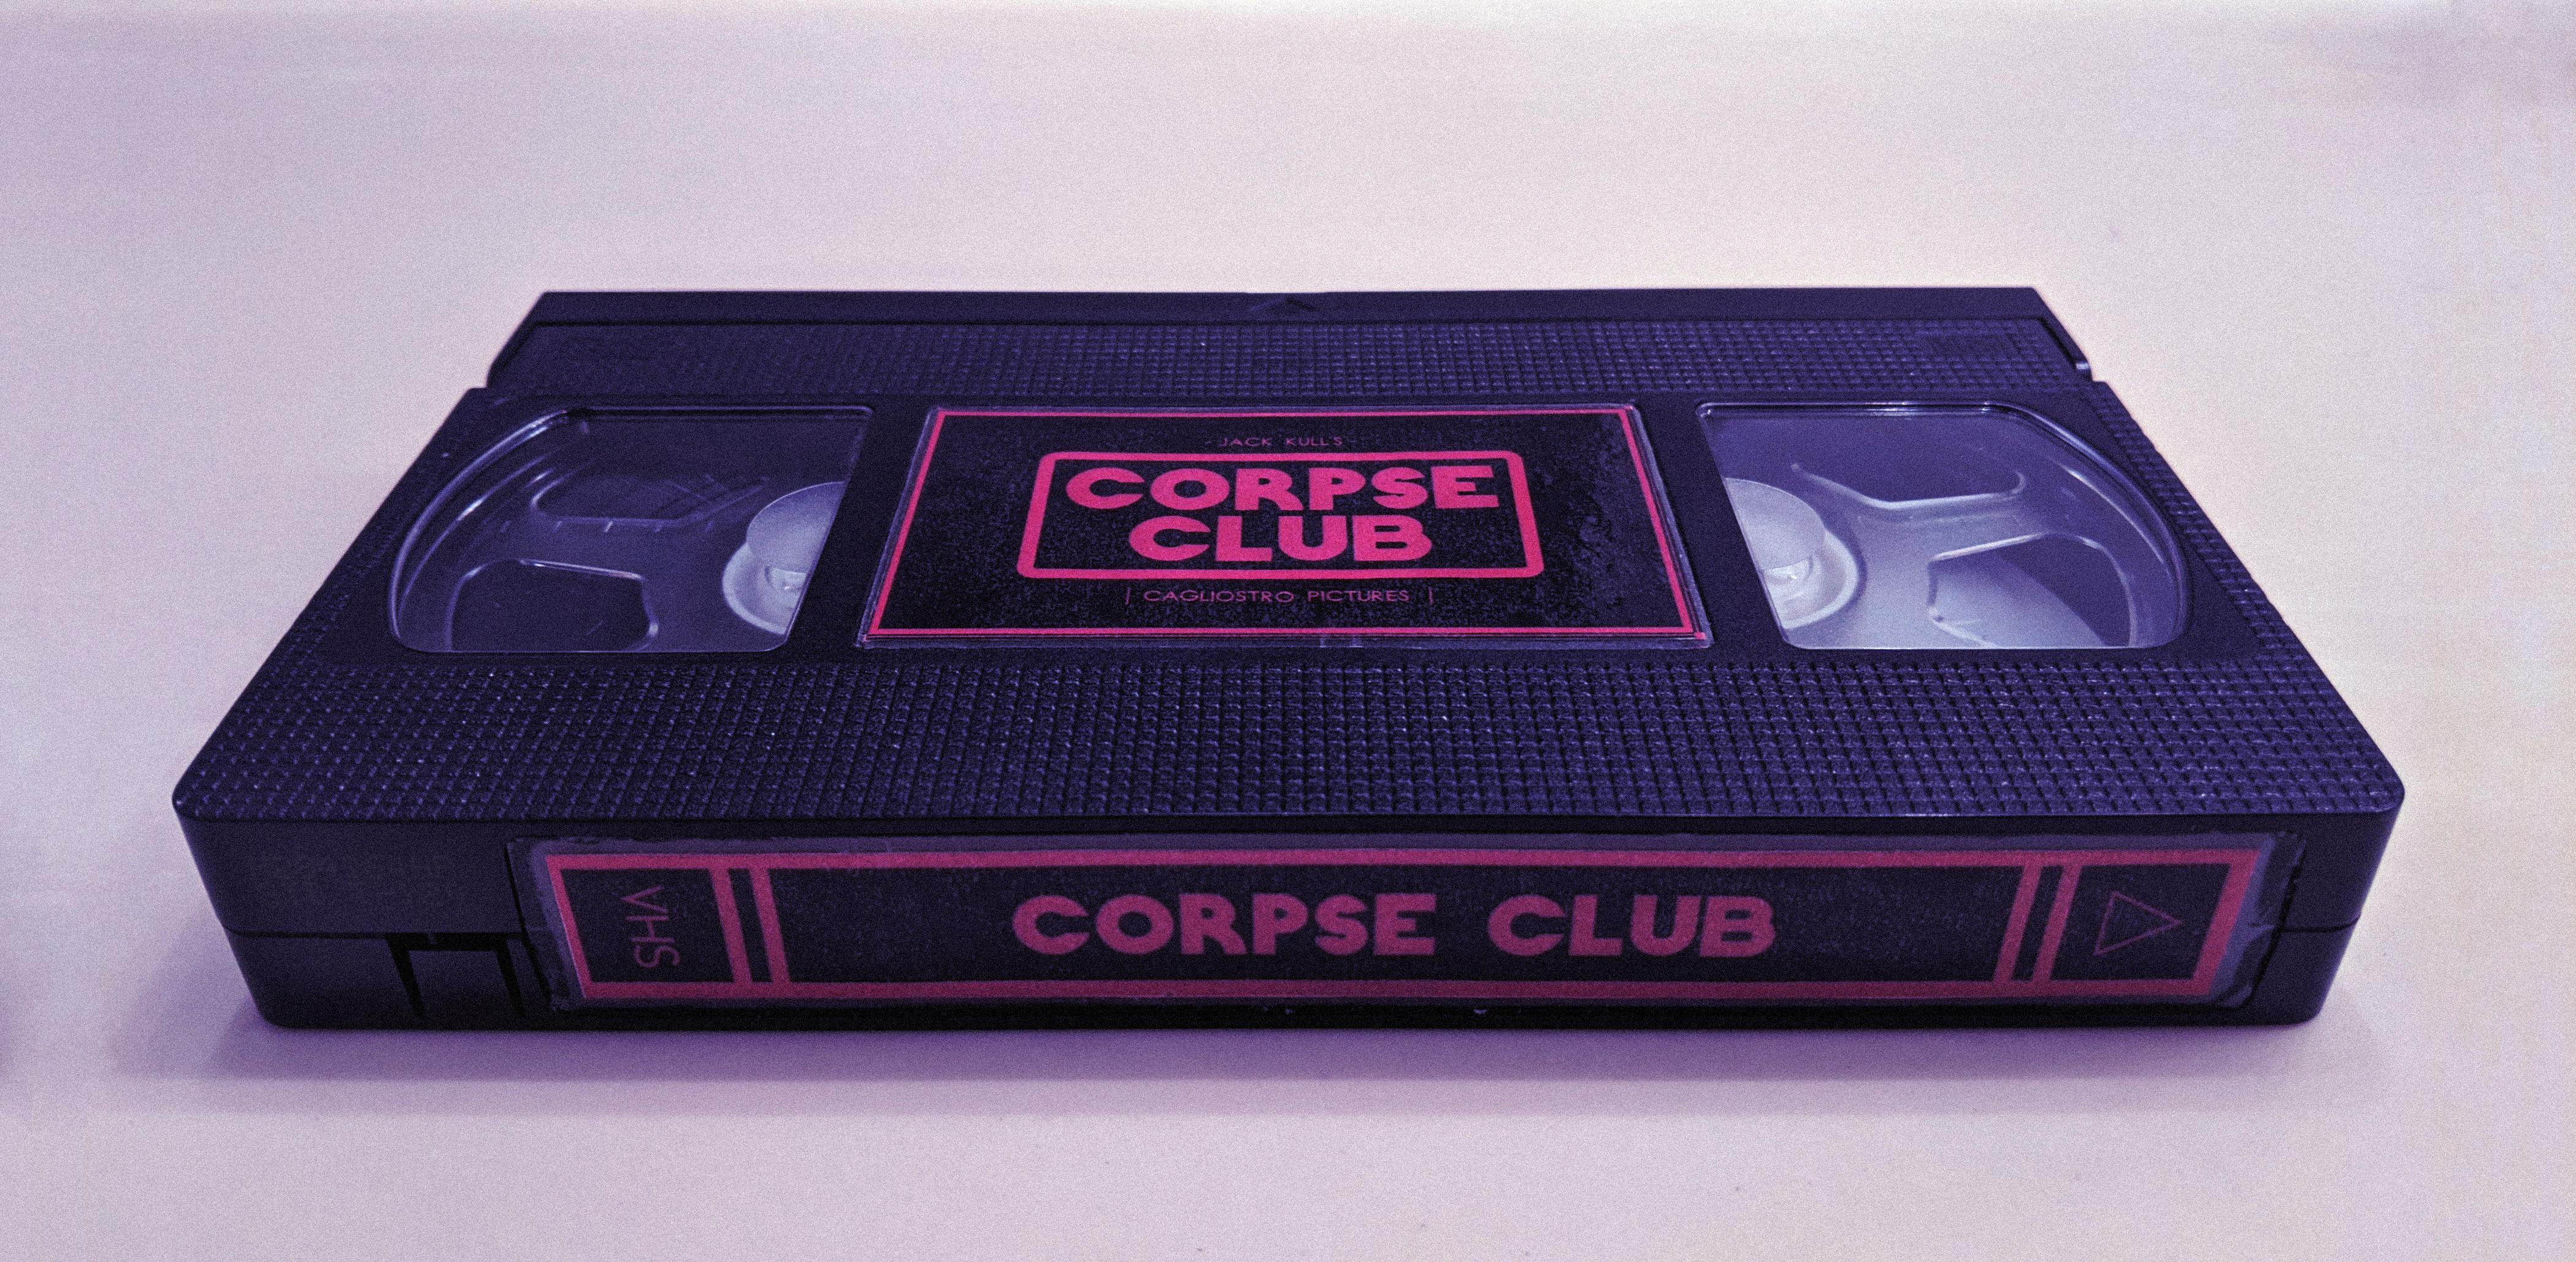 corpseclubvhs-1